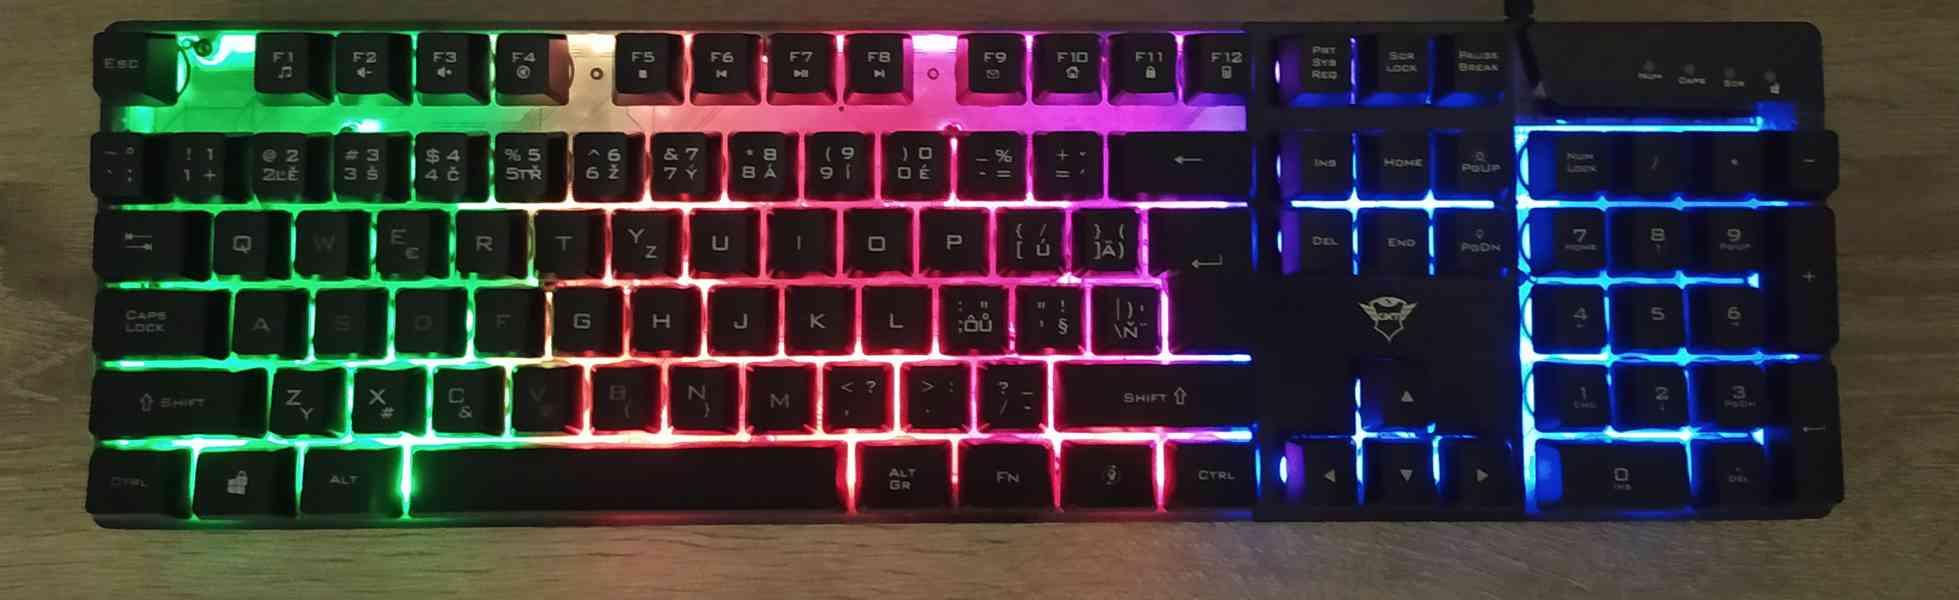 Herní klávesnice - foto 2